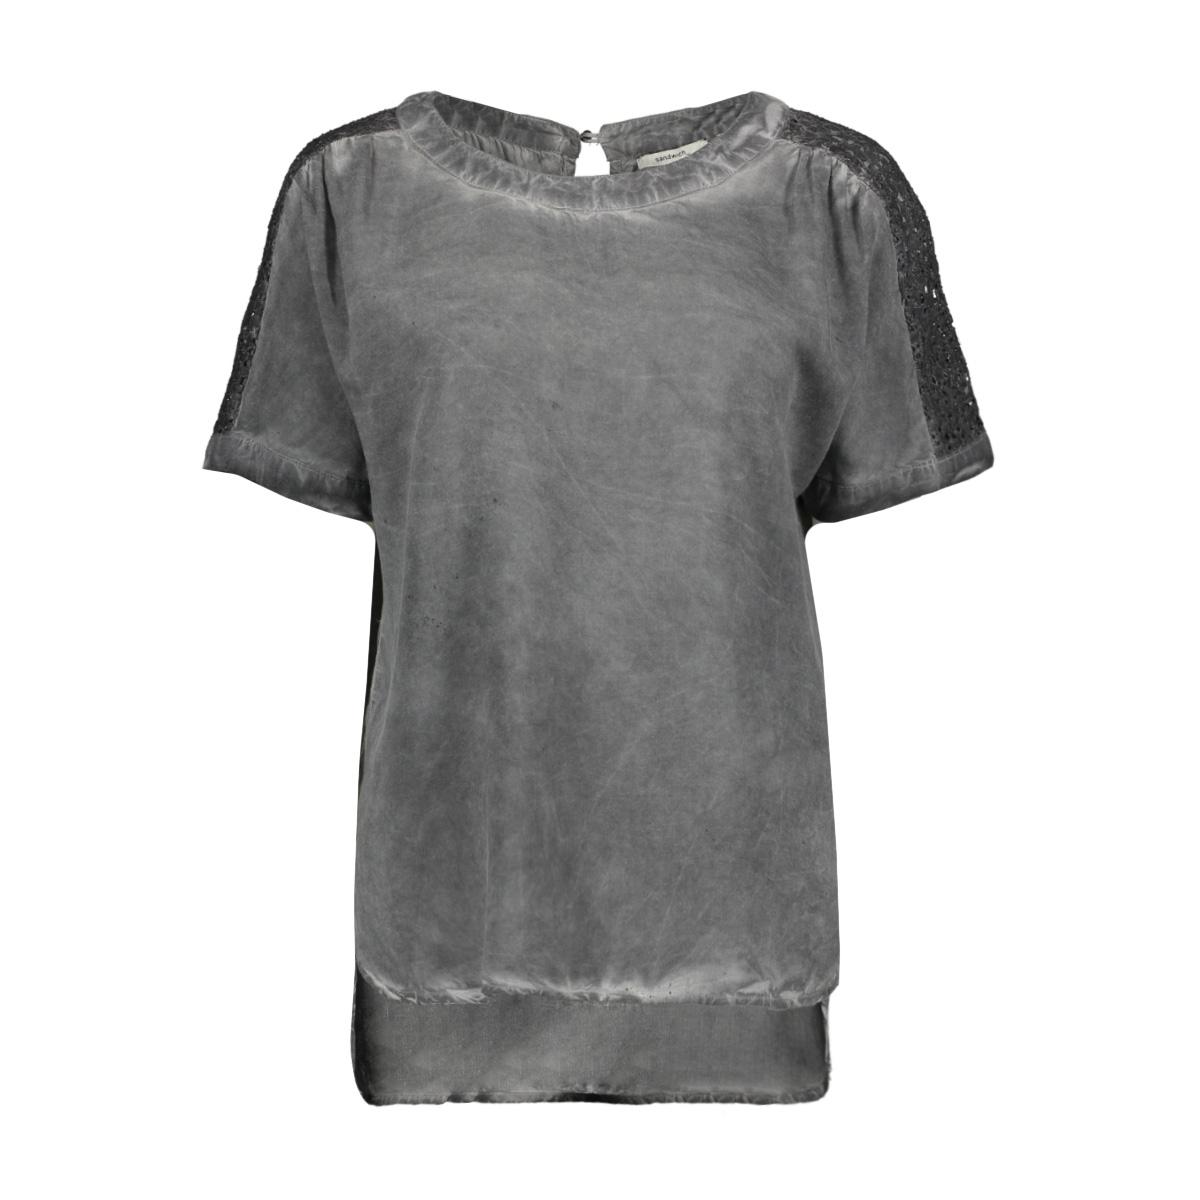 t shirt met kanten details 22001467 sandwich t-shirt 80077